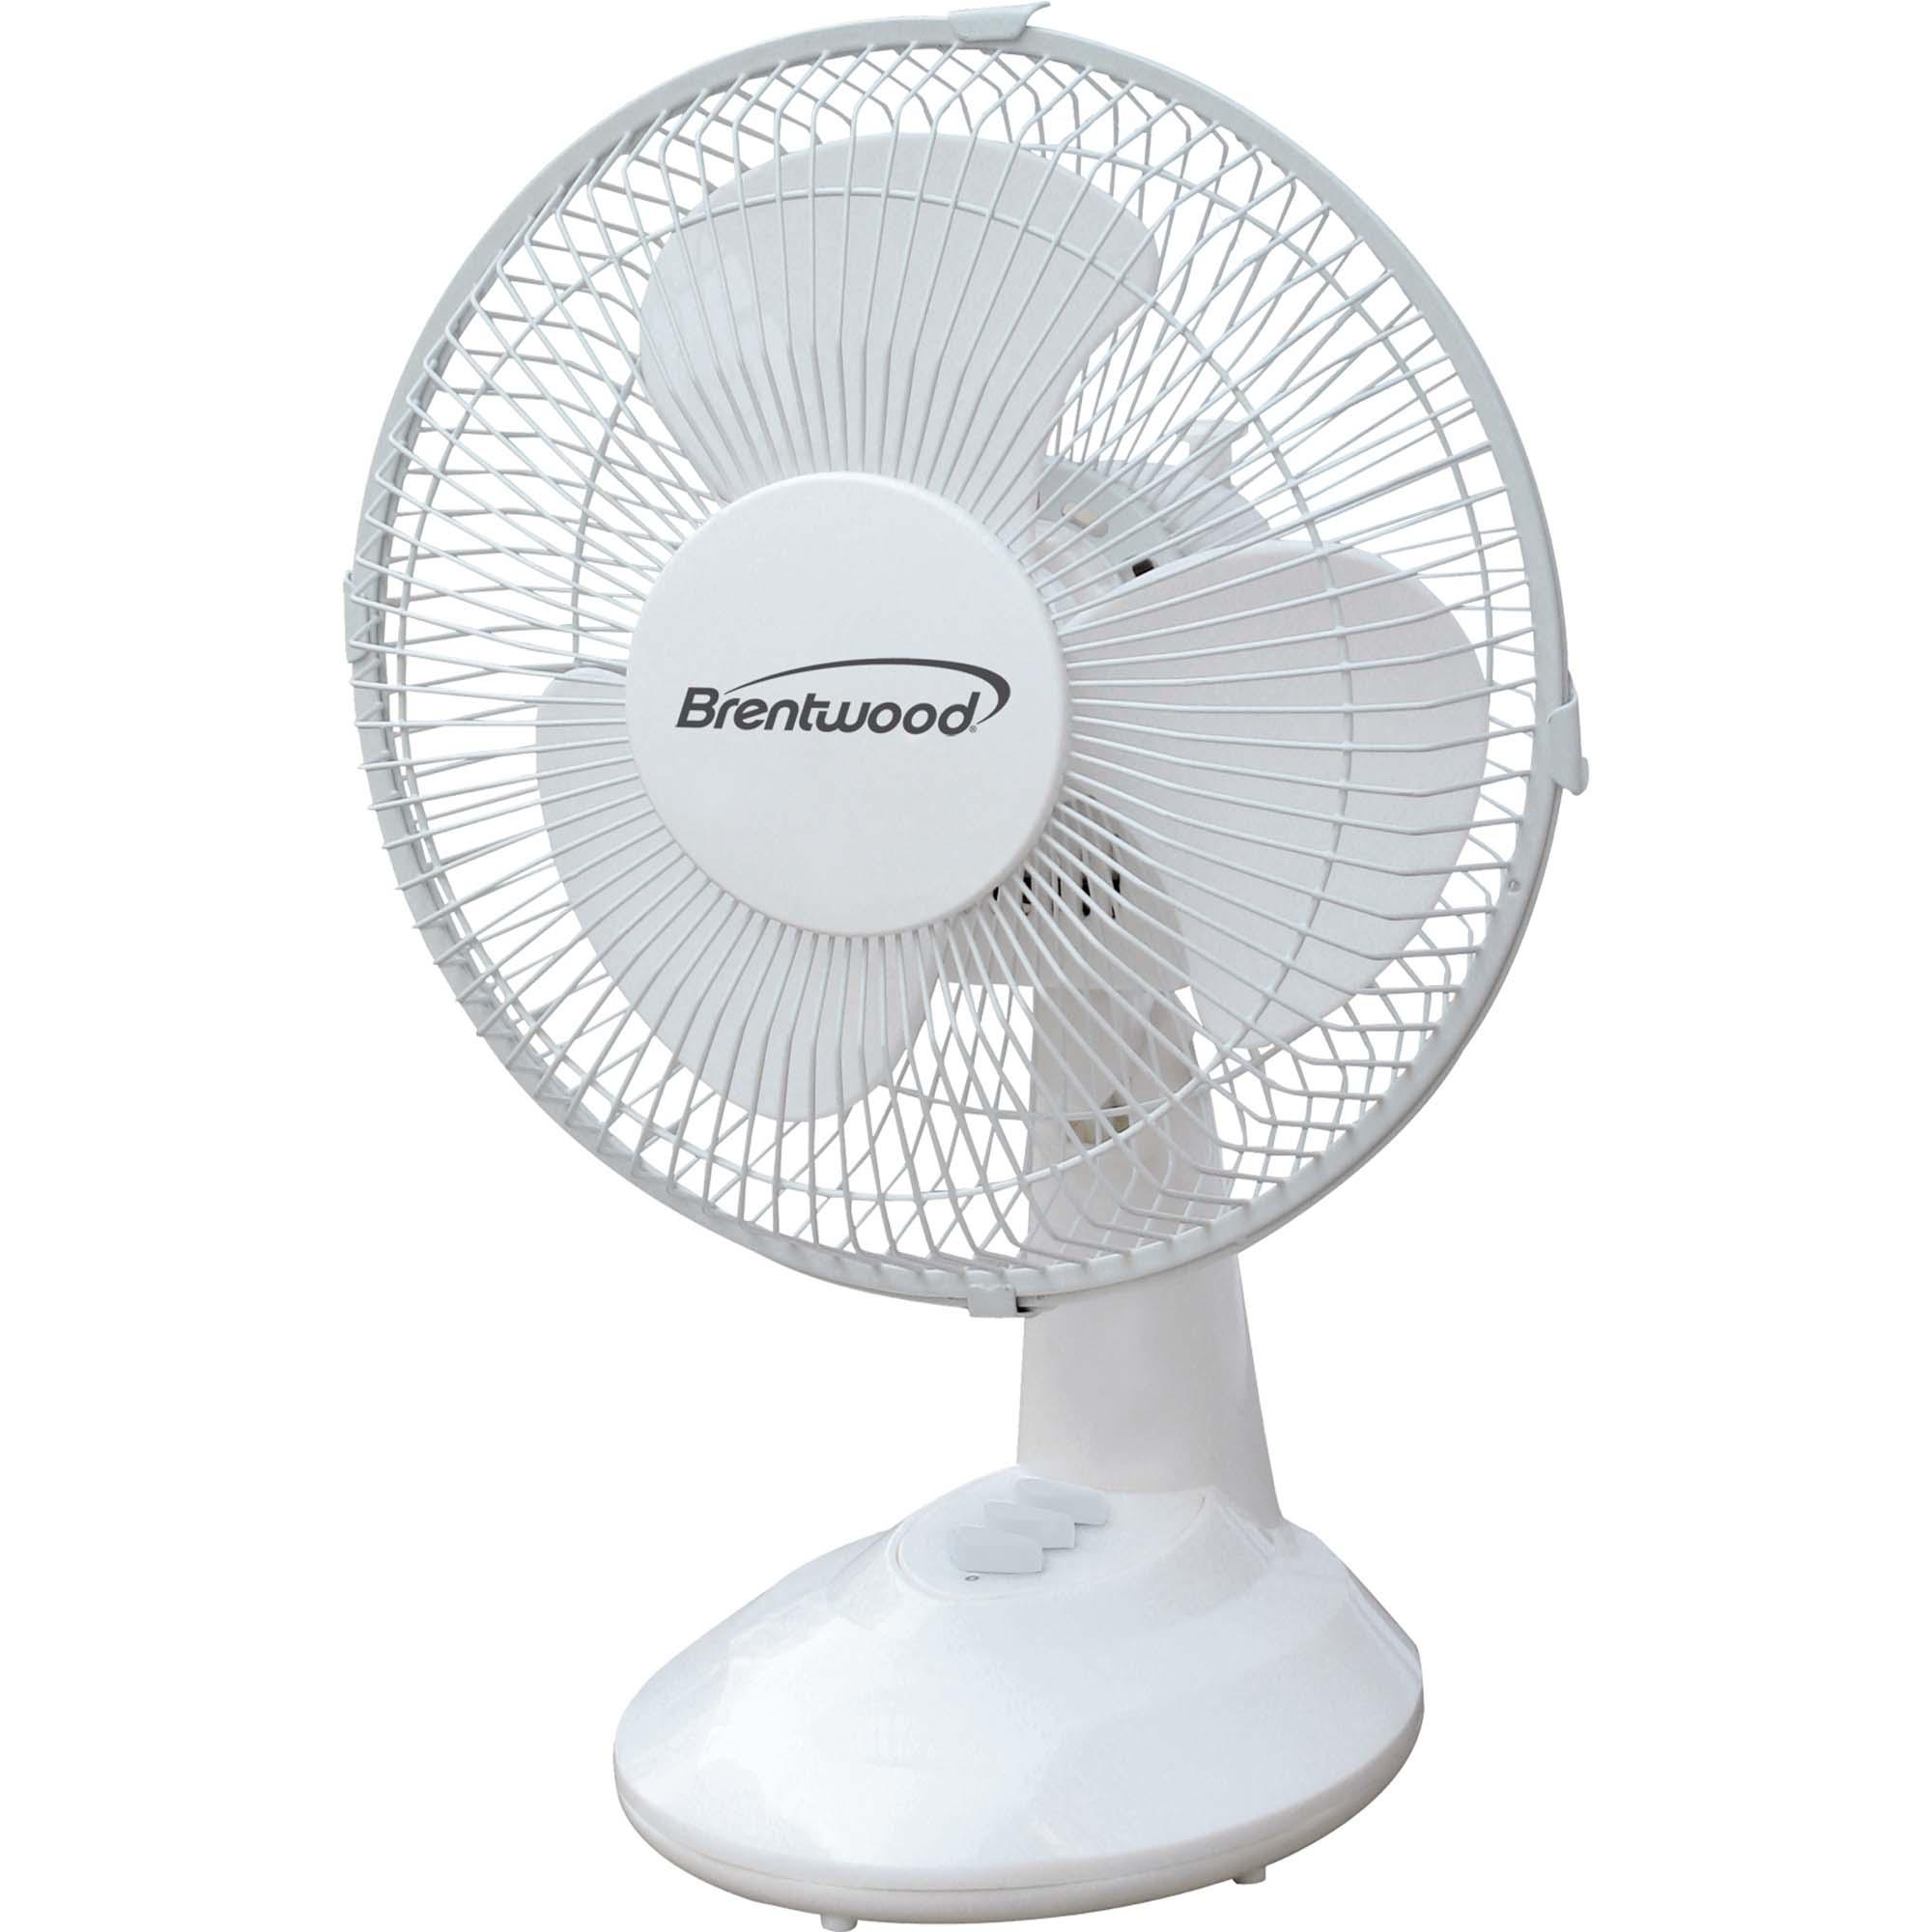 Brentwood 9 Oscillating Desk Fan  Appliances  Fans  Table Fans